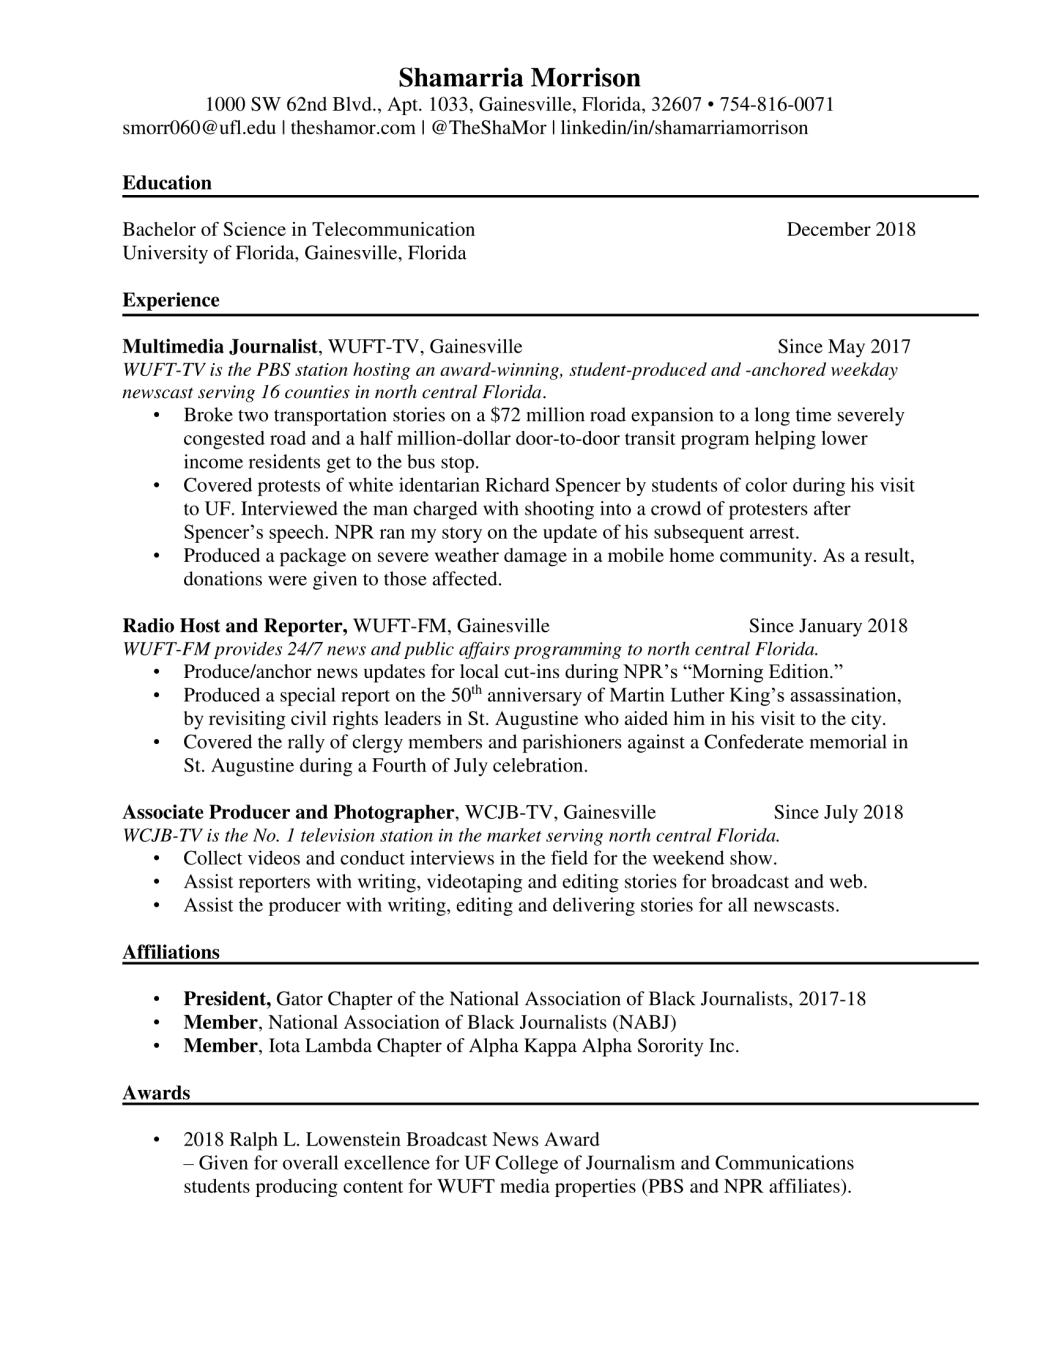 morrison_resume-1